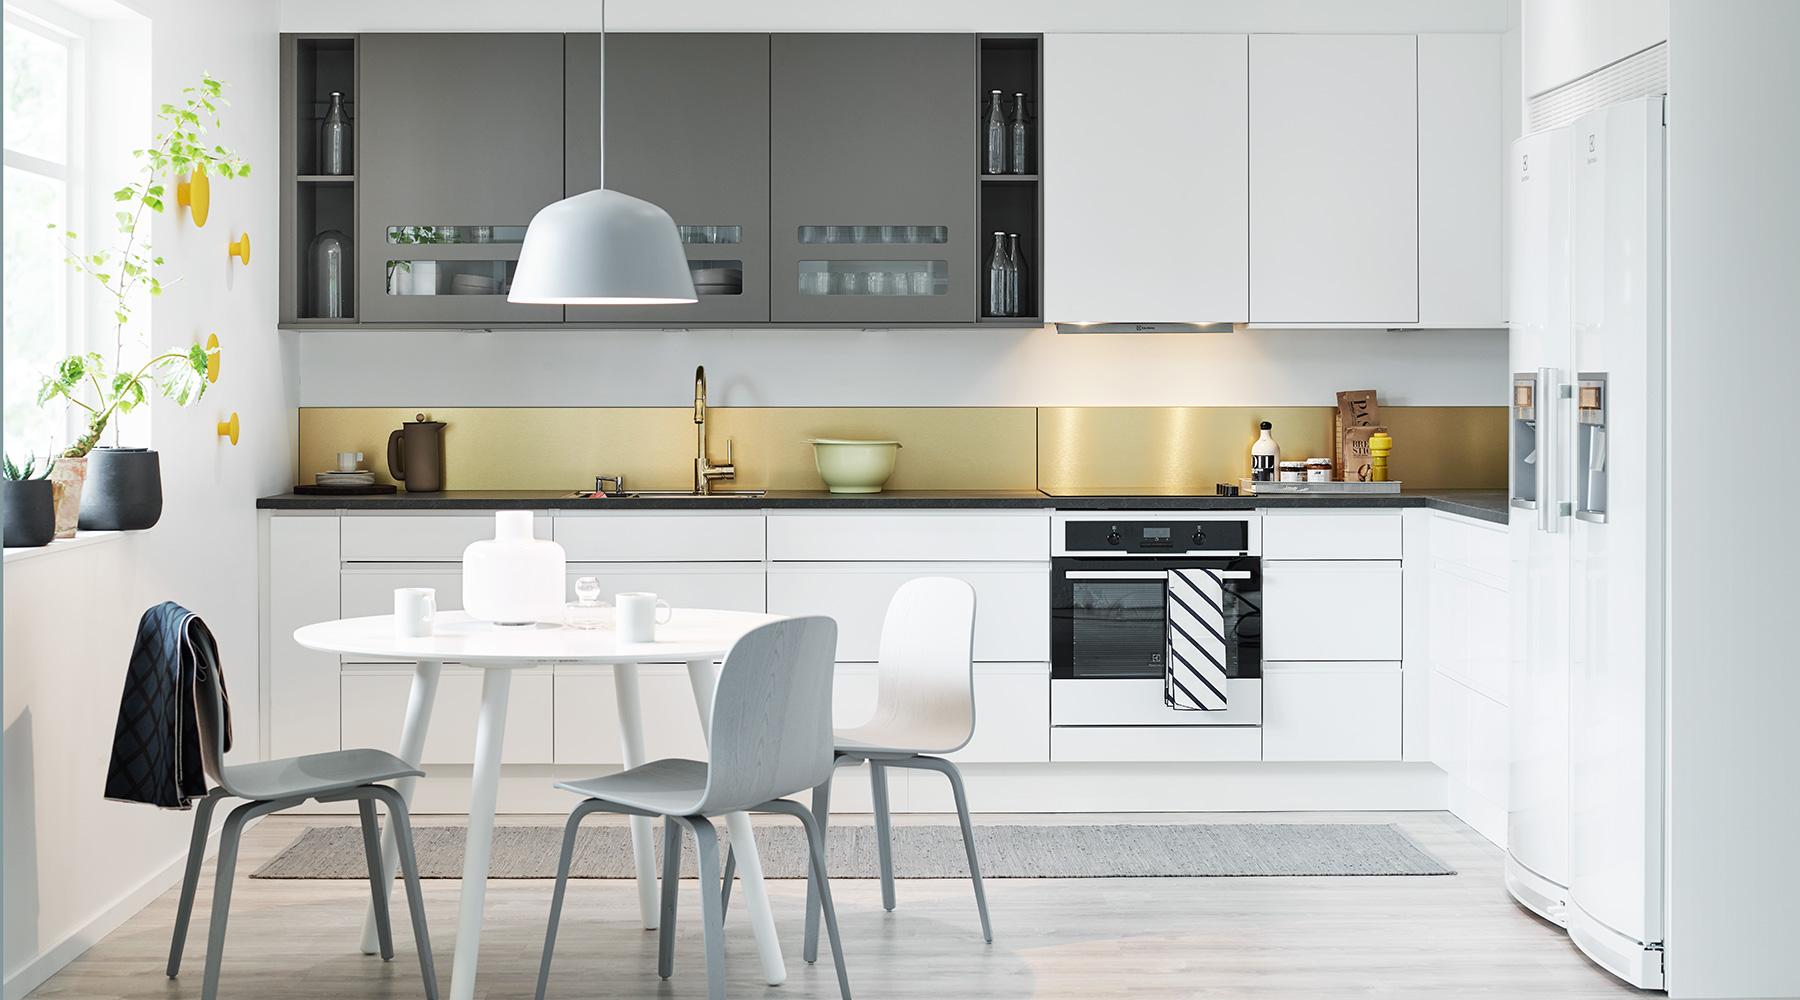 Hitta köksinspiration till ditt nya vedum kök   nytt kök badrum ...